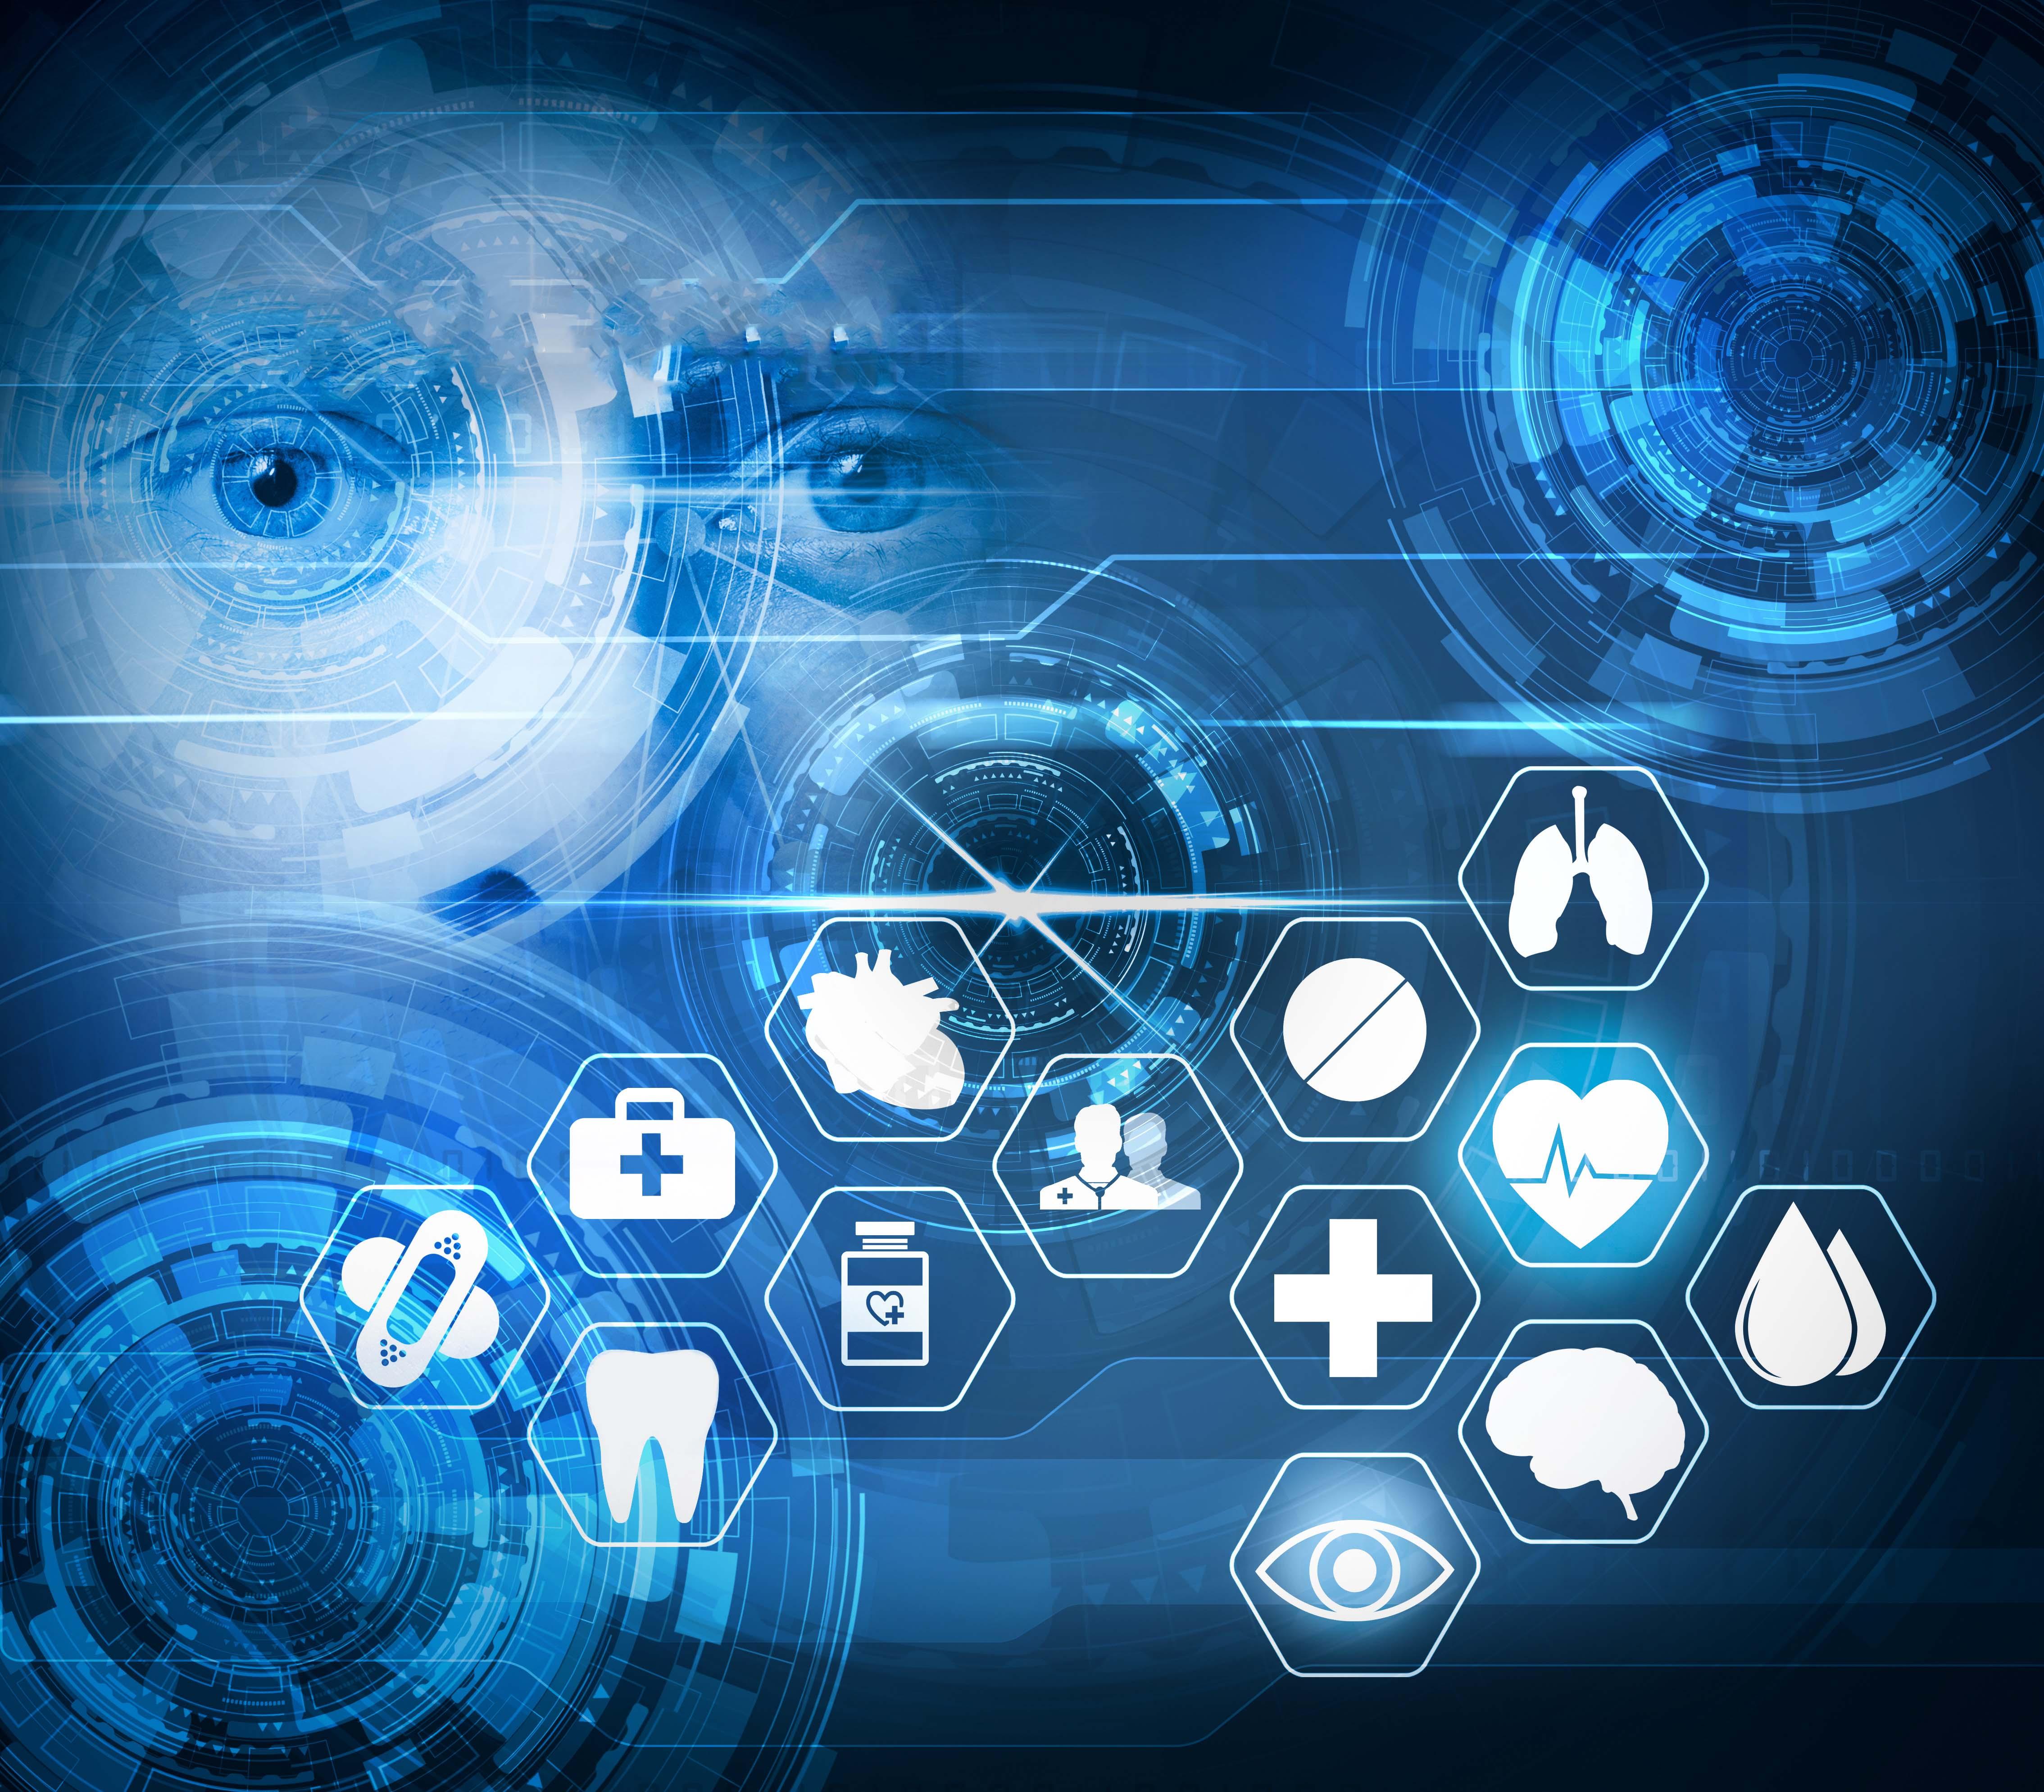 medical care futuristic technology